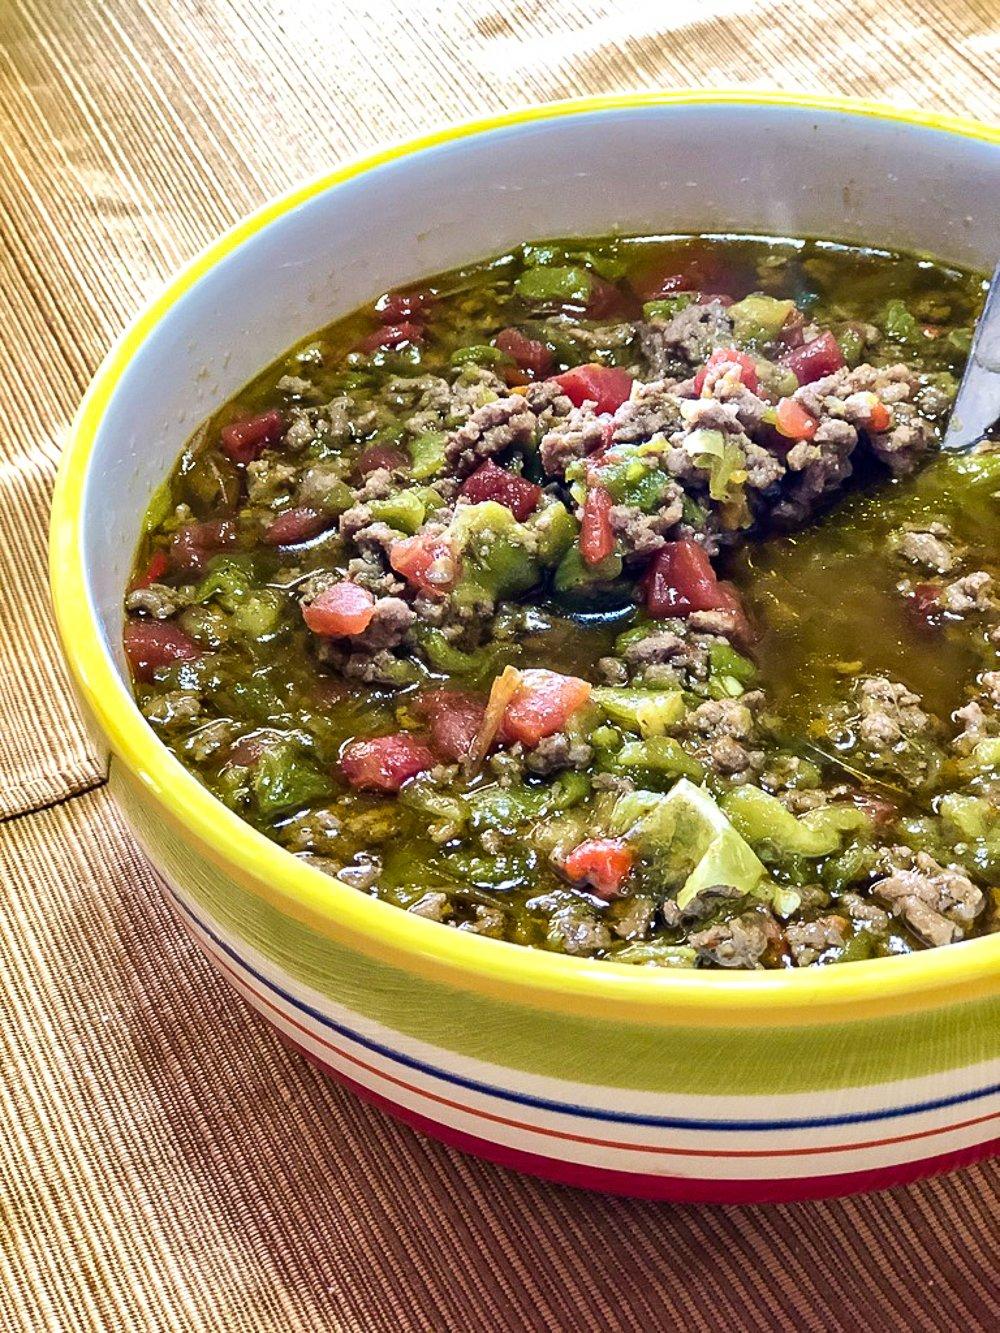 Pueblo Feast Days, Green Chile stew